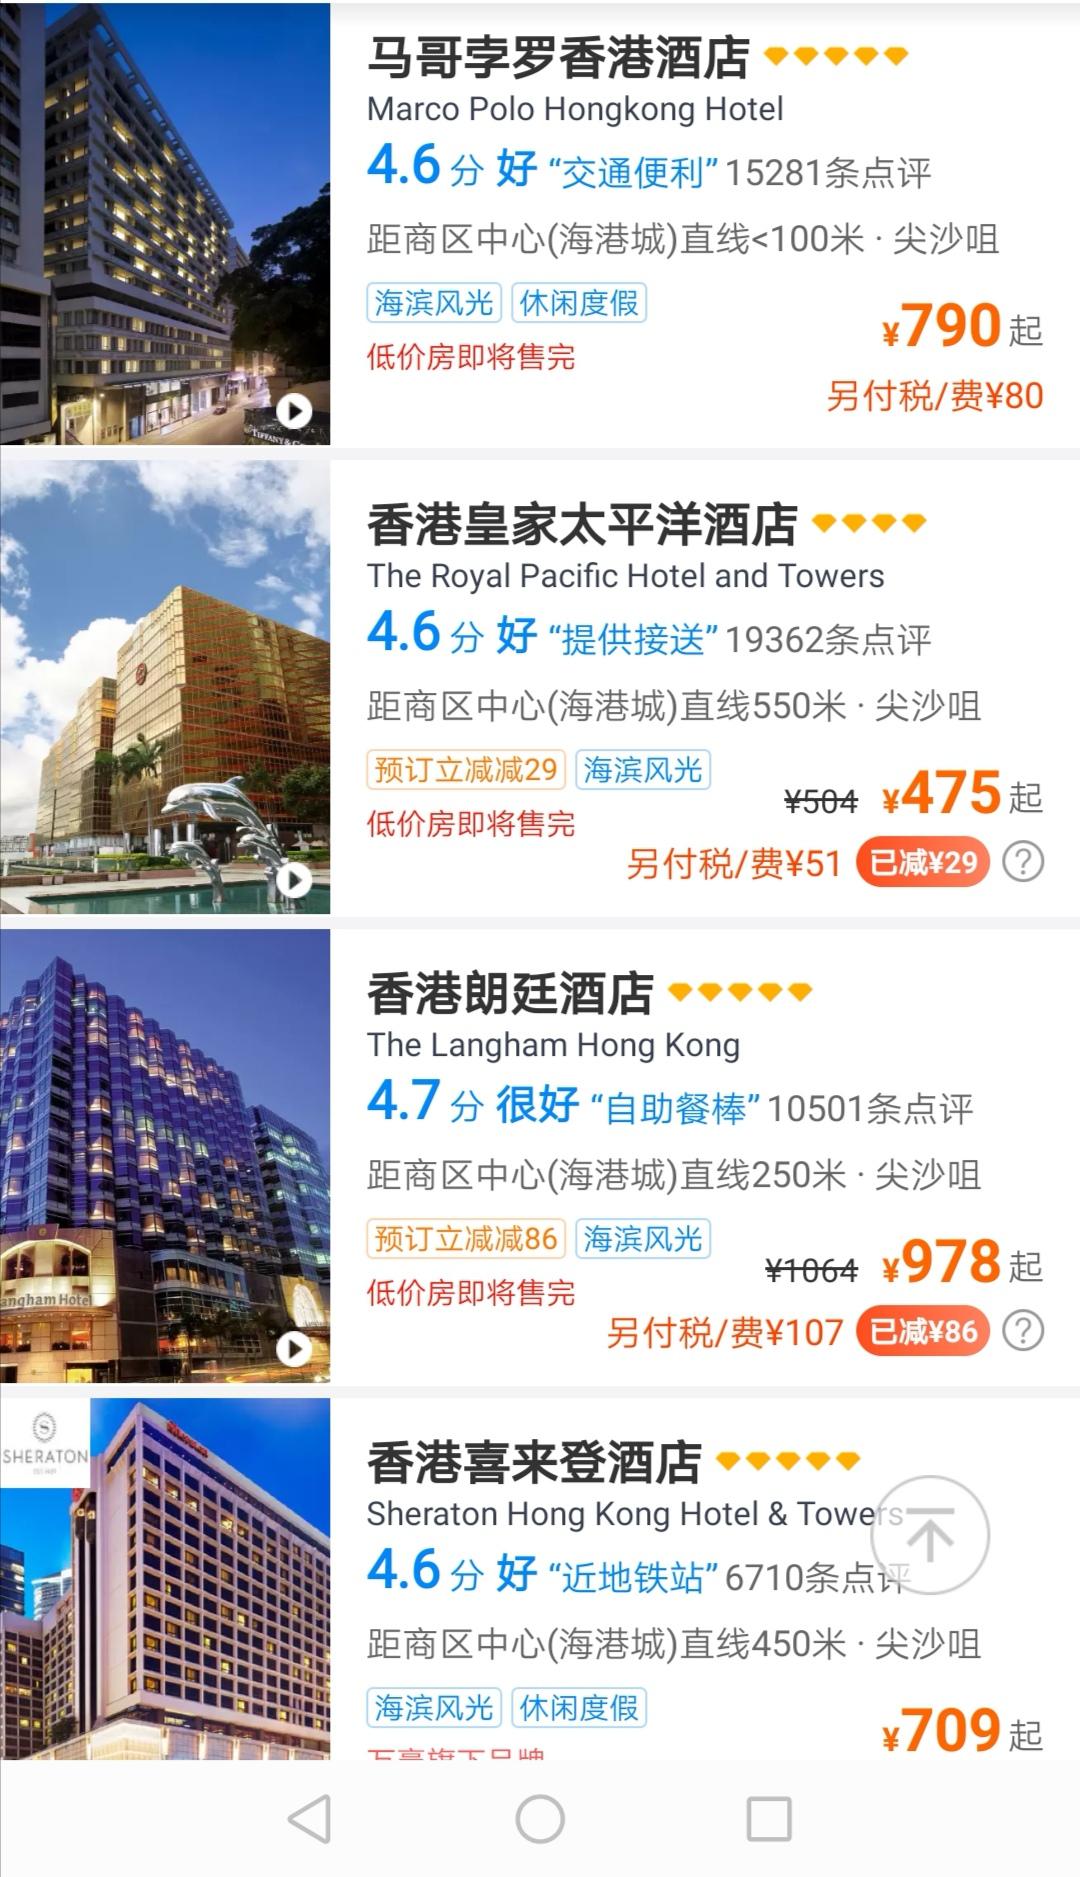 香港尖沙咀的酒店价格直线下跌啊!立马取消之前帮朋友订的酒店